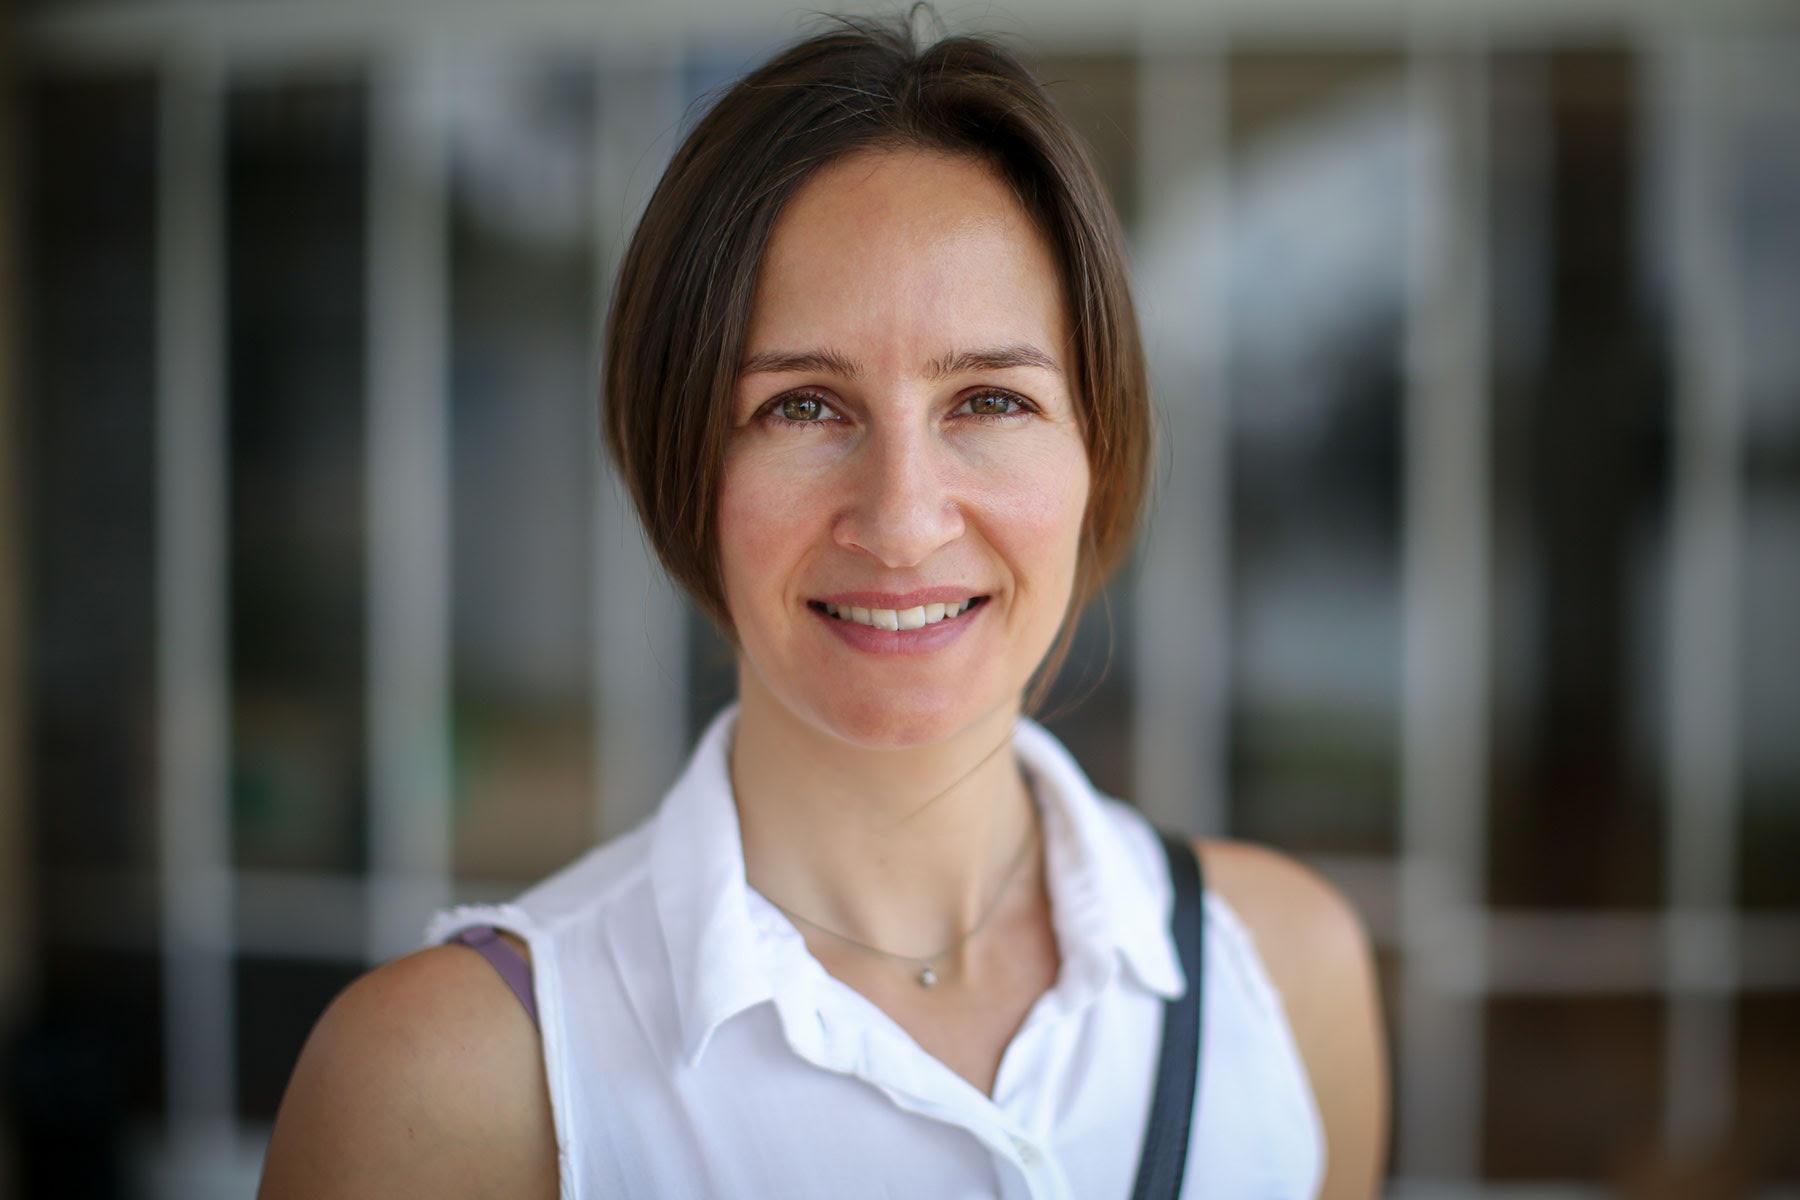 Barbara Iseli - Insight Architecture